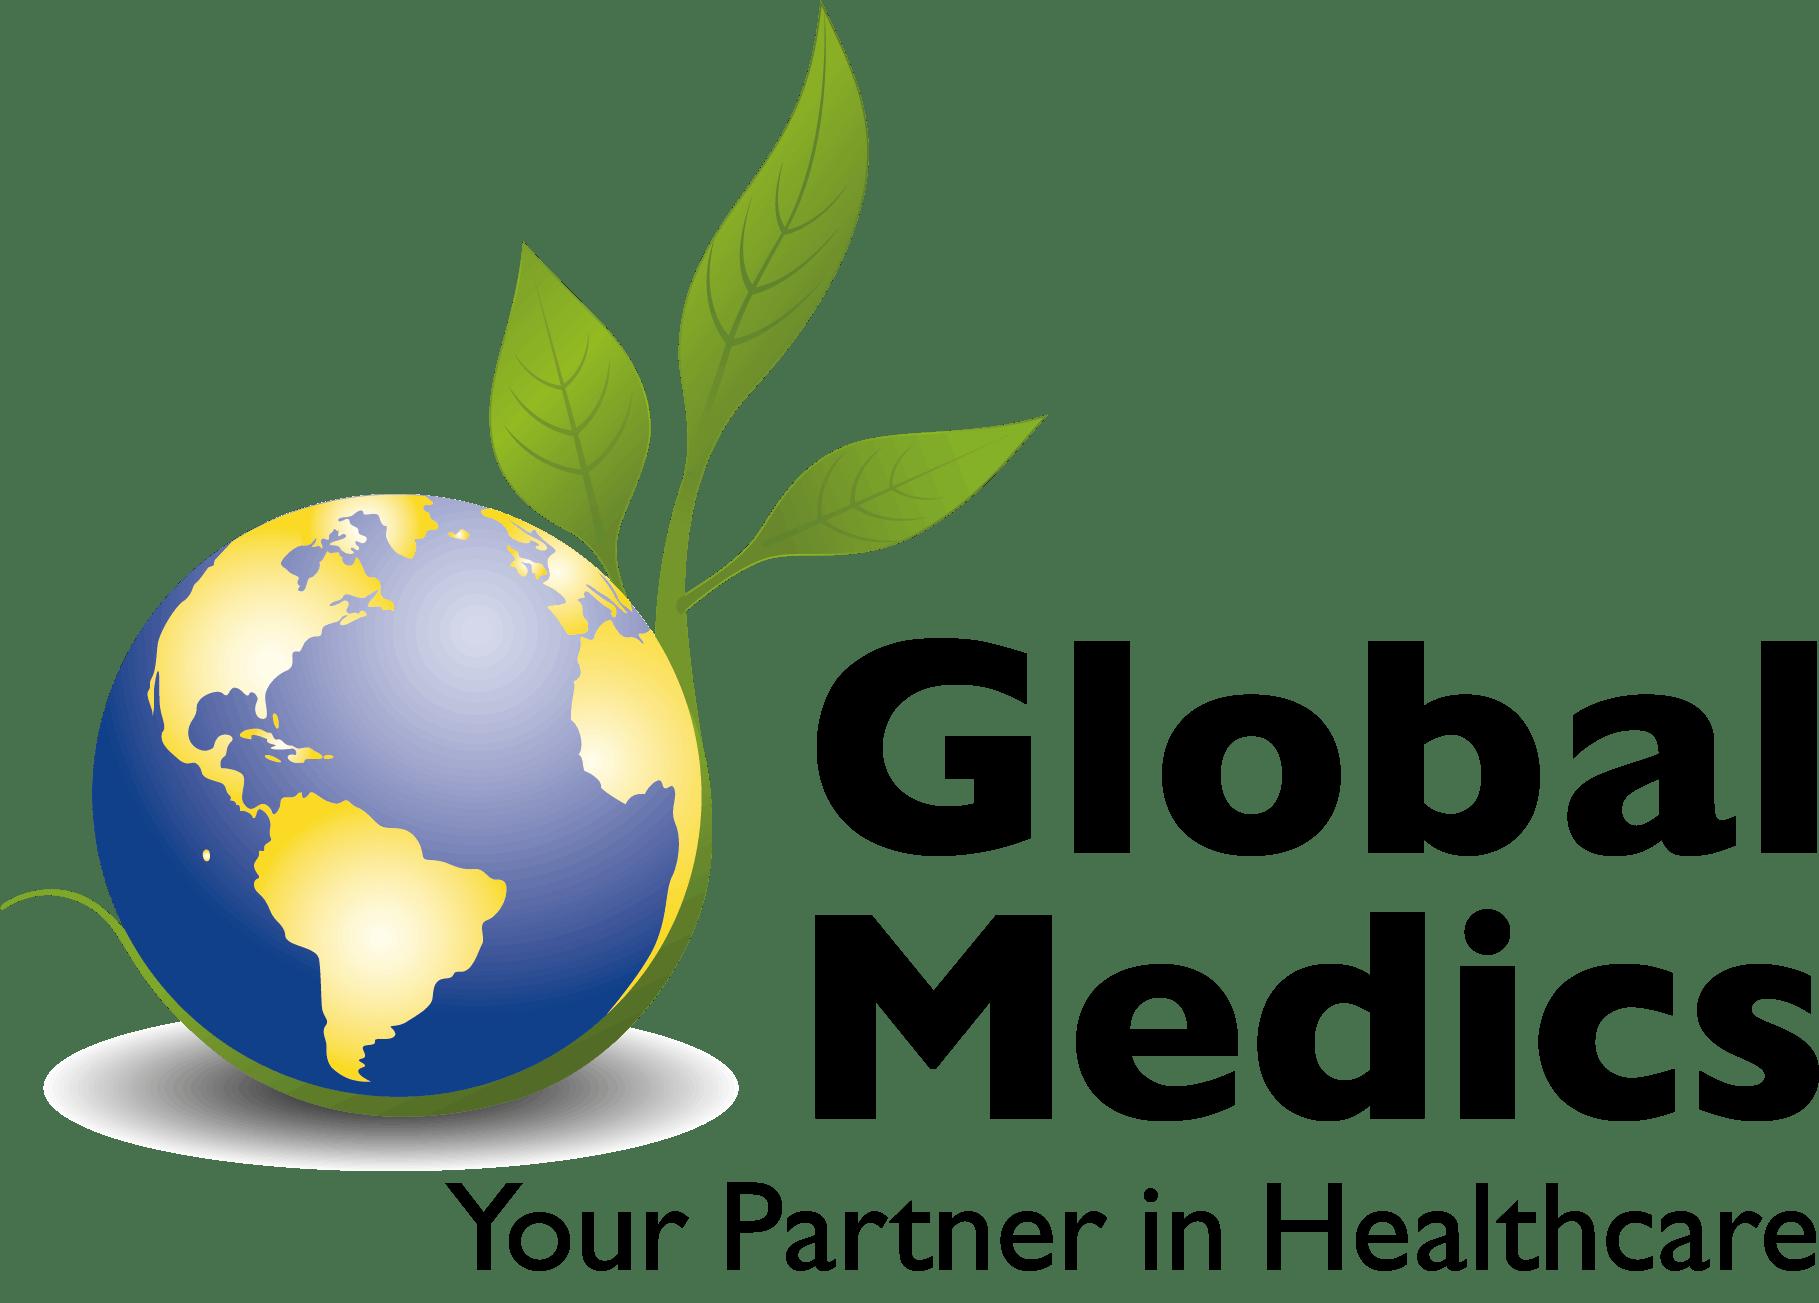 Global Medics